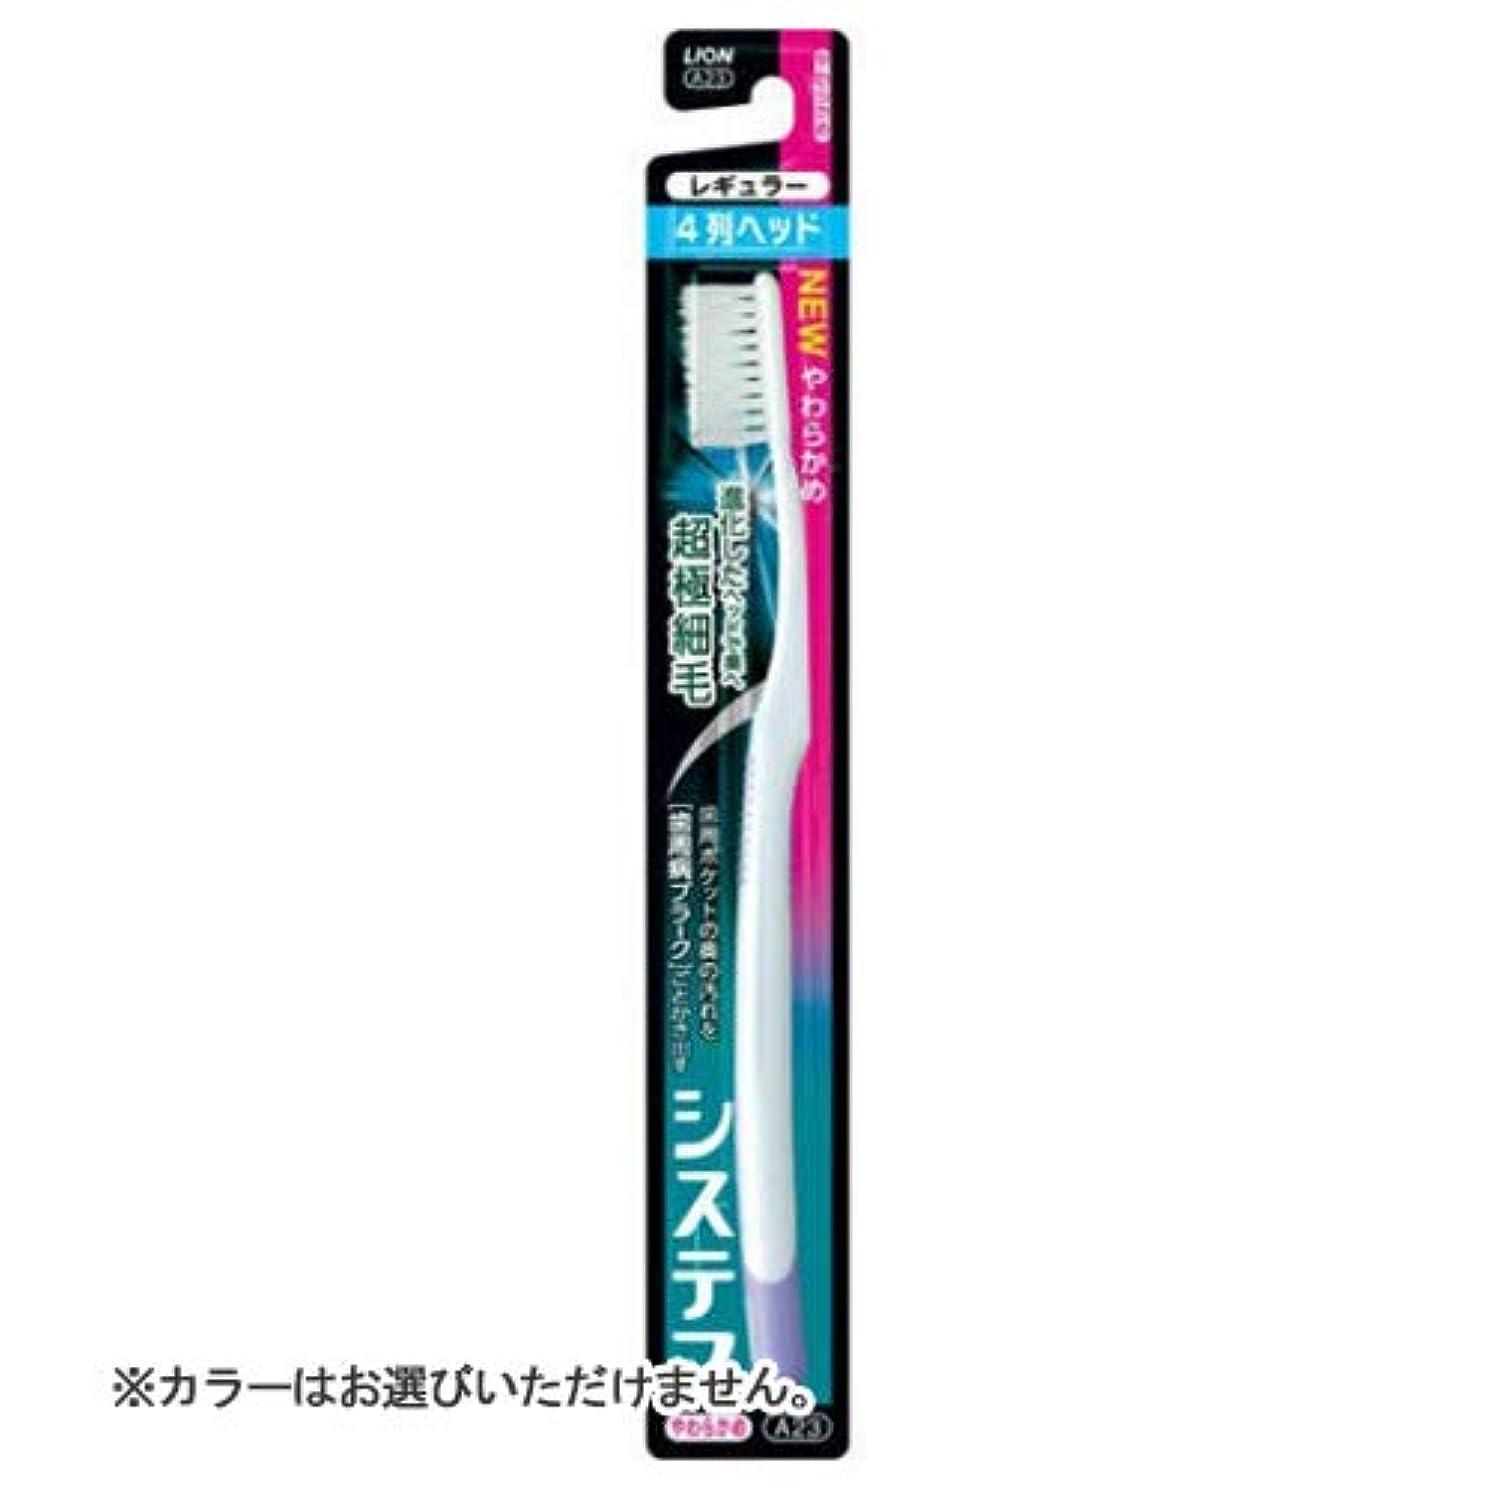 不注意減る士気ライオン システマ ハブラシ レギュラー4列 やわらかめ (1本) 大人用 歯ブラシ